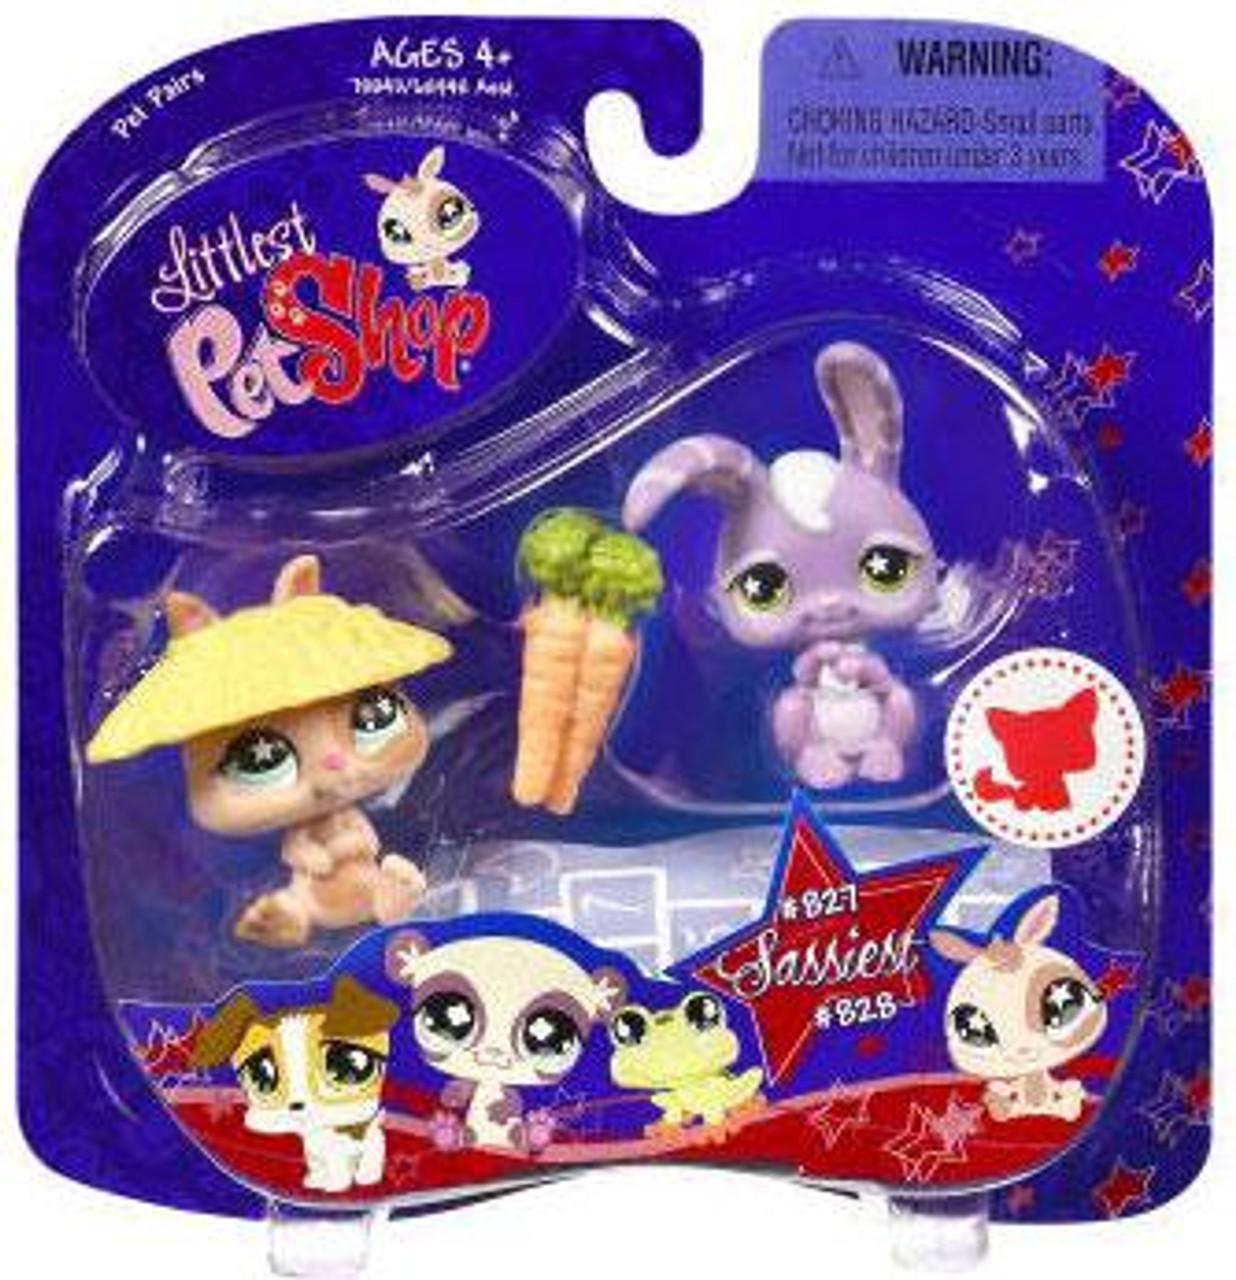 Littlest Pet Shop 2009 Assortment B Series 1 Bunny Figure 2-Pack #827, 828 [Dwarf Bunny]